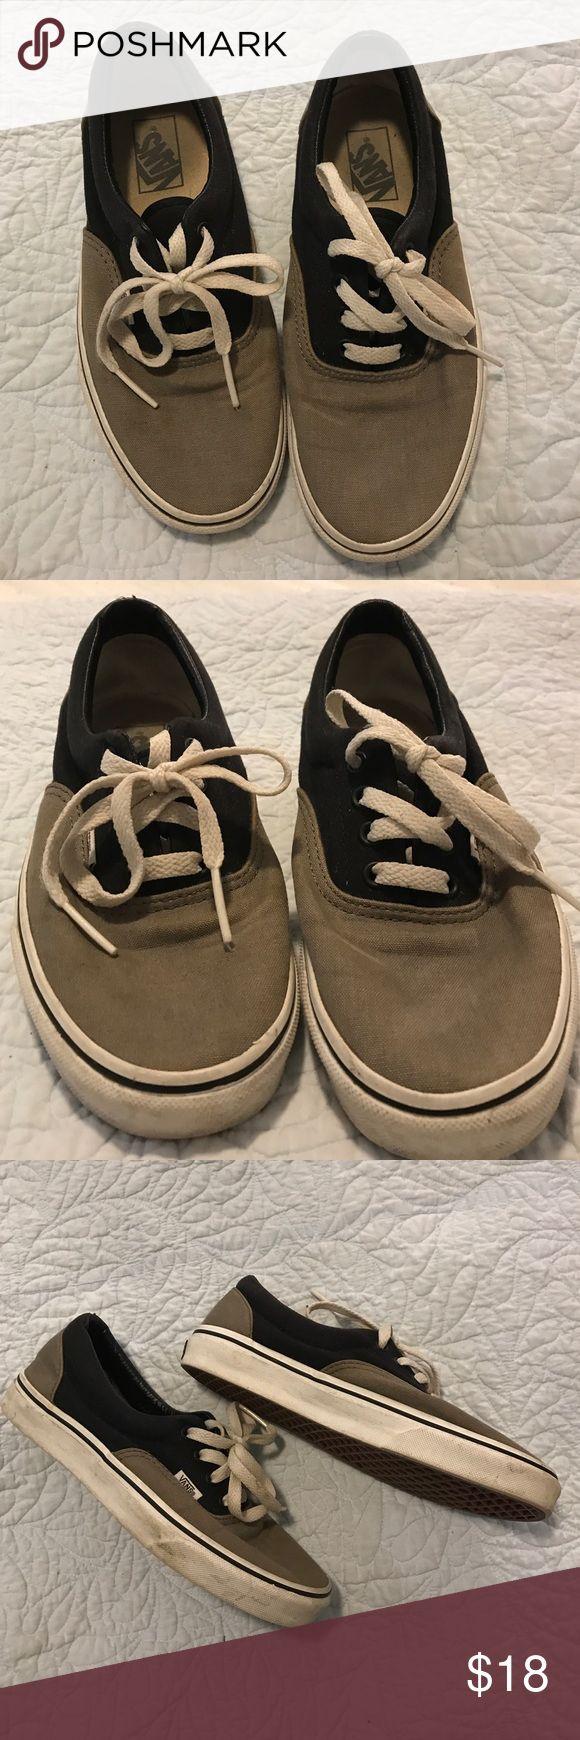 Vans Authentic Pro Skate Sneakers Lightly-used Black and Grey Vans Authentic Pro Skate Sneakers. Vans Shoes Sneakers